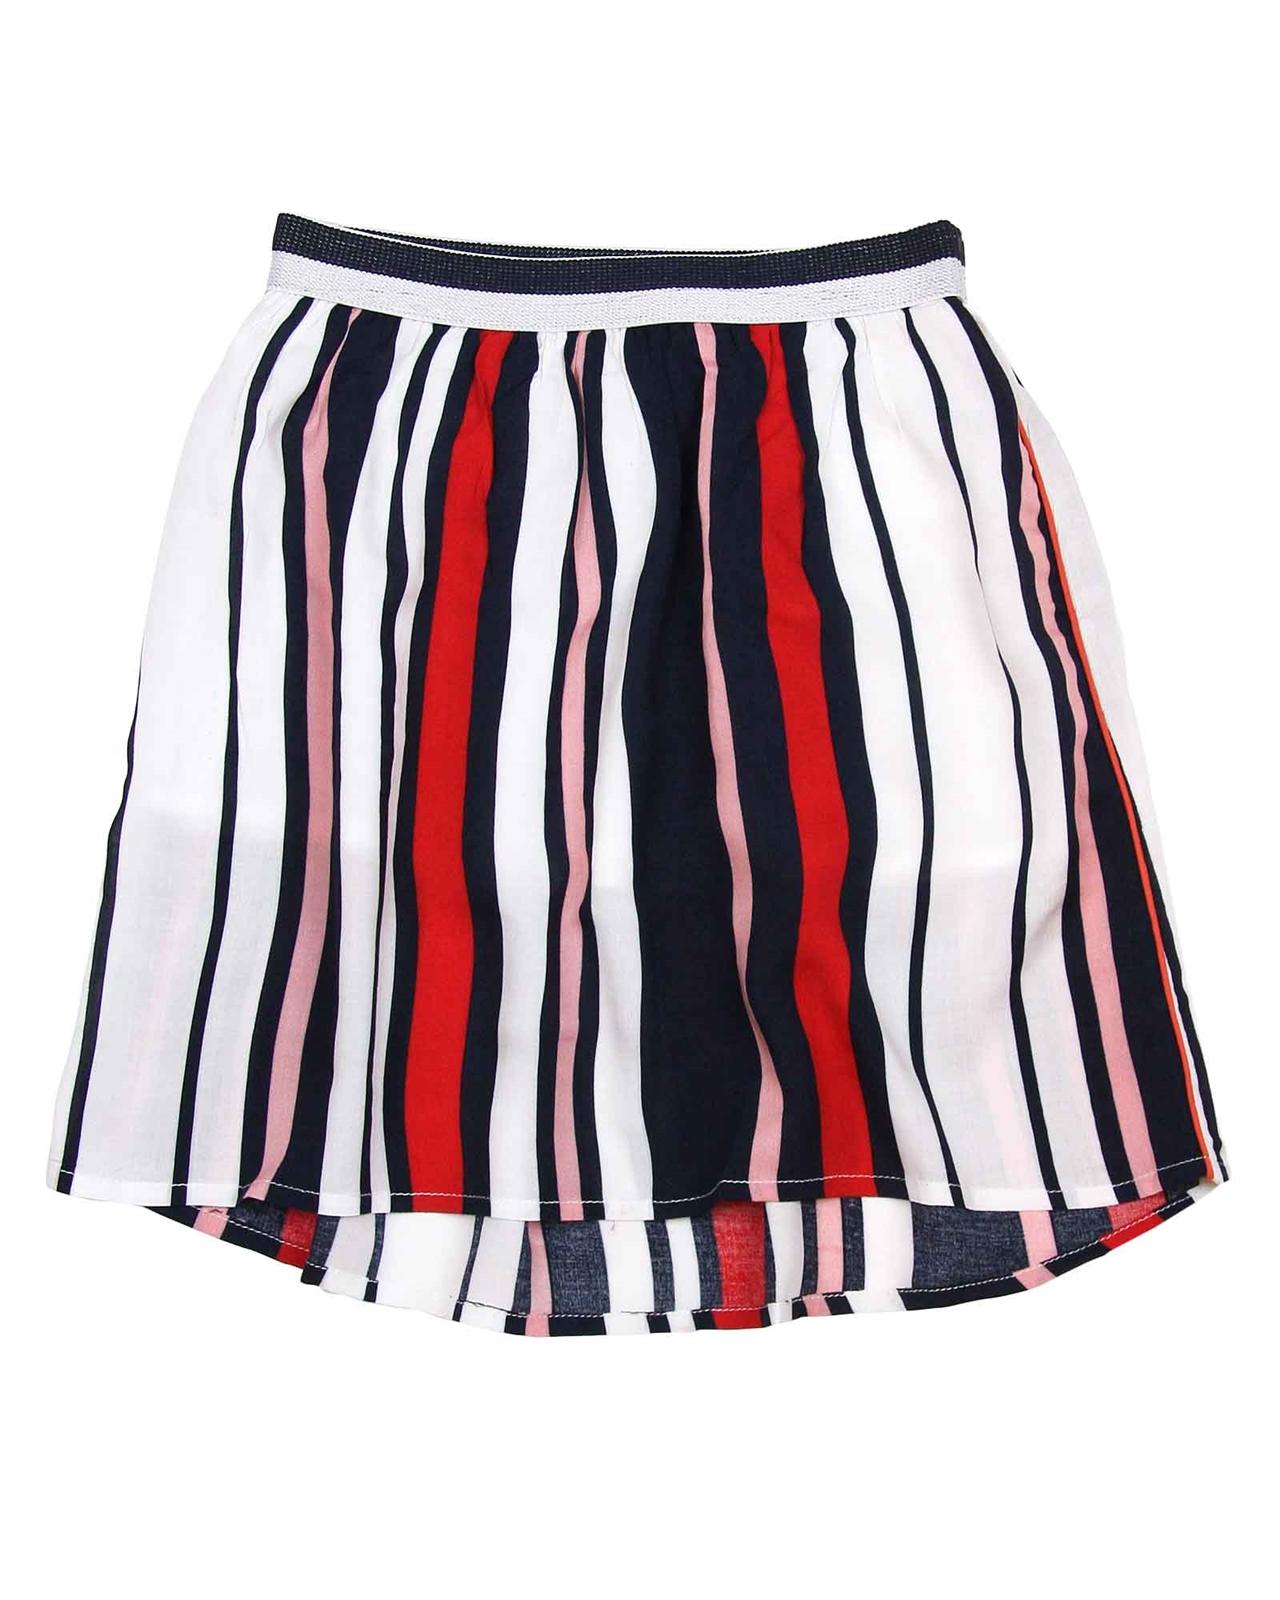 92c27bc088 NoBell Junior Girl's Striped Skirt - NoBell - NoBell Spring/Summer 2018